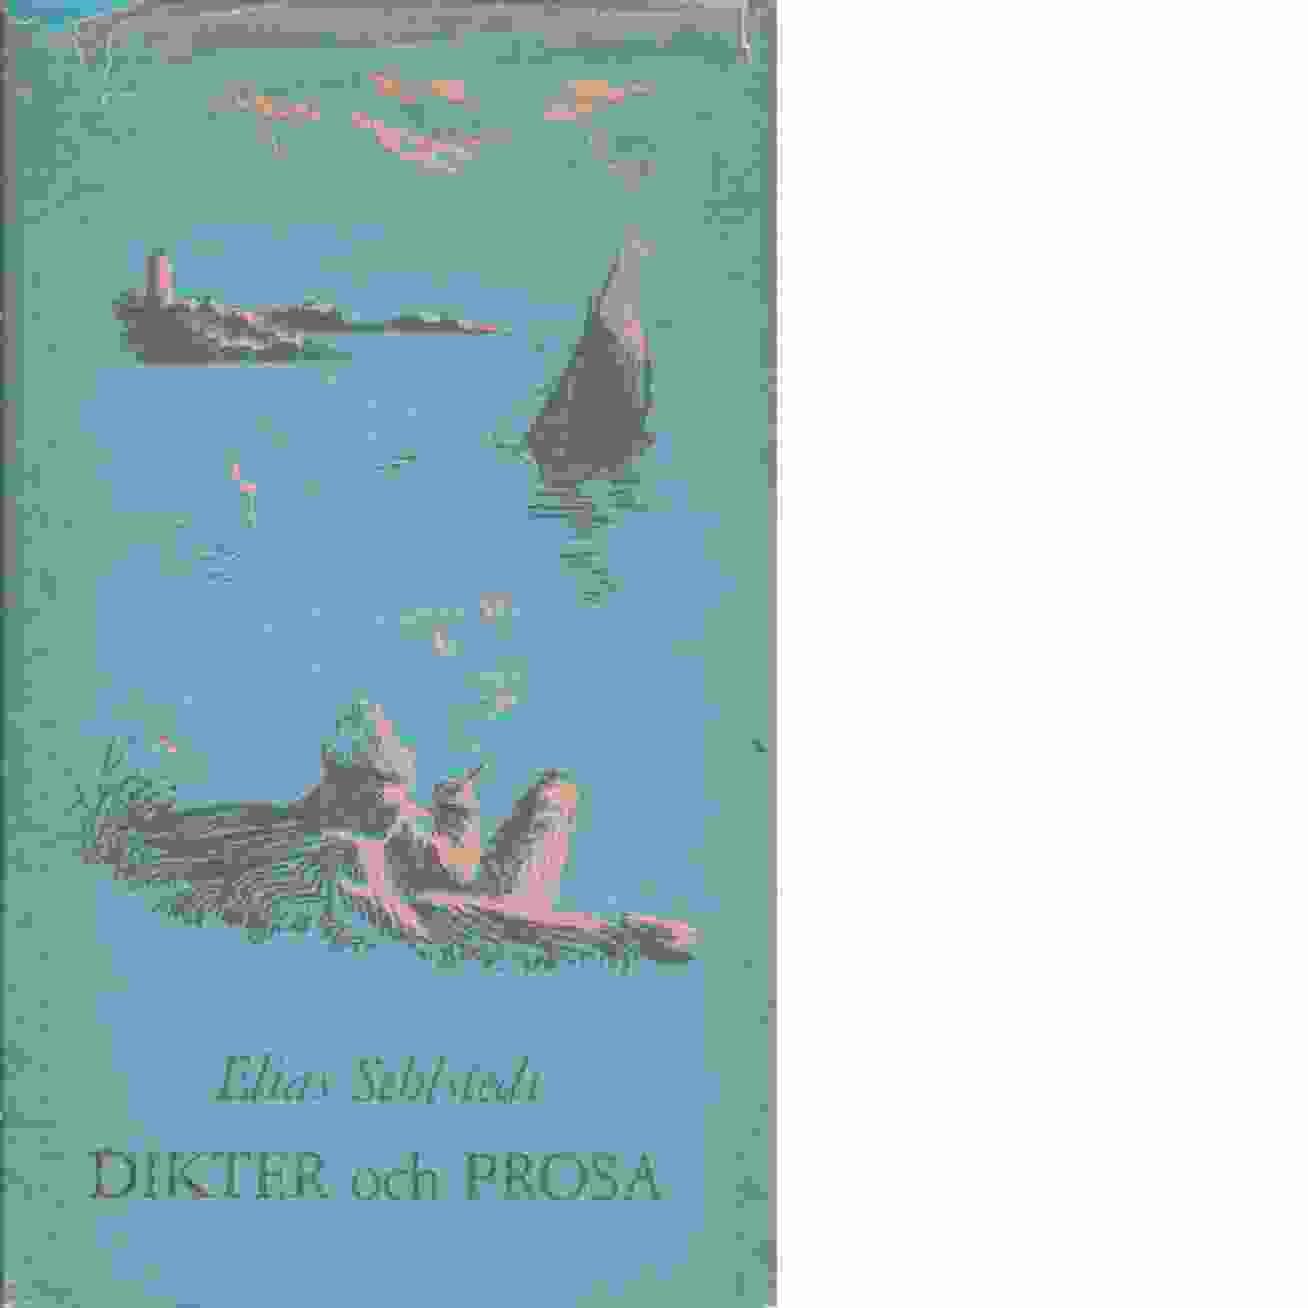 Dikter och prosa - Sehlstedt, Elias